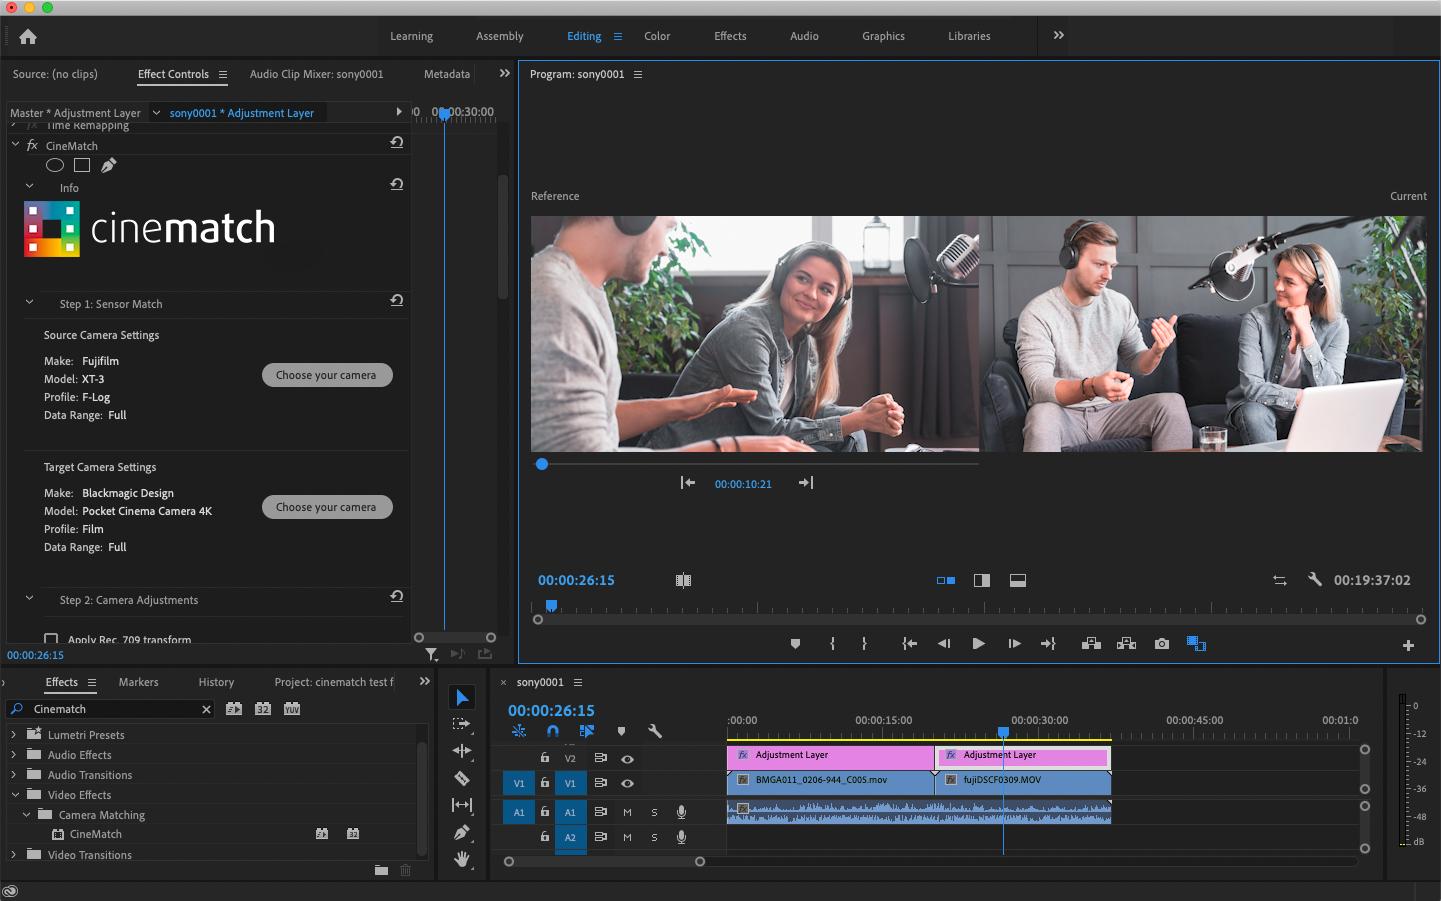 CineMatch in Adobe Premiere Pro comparison view